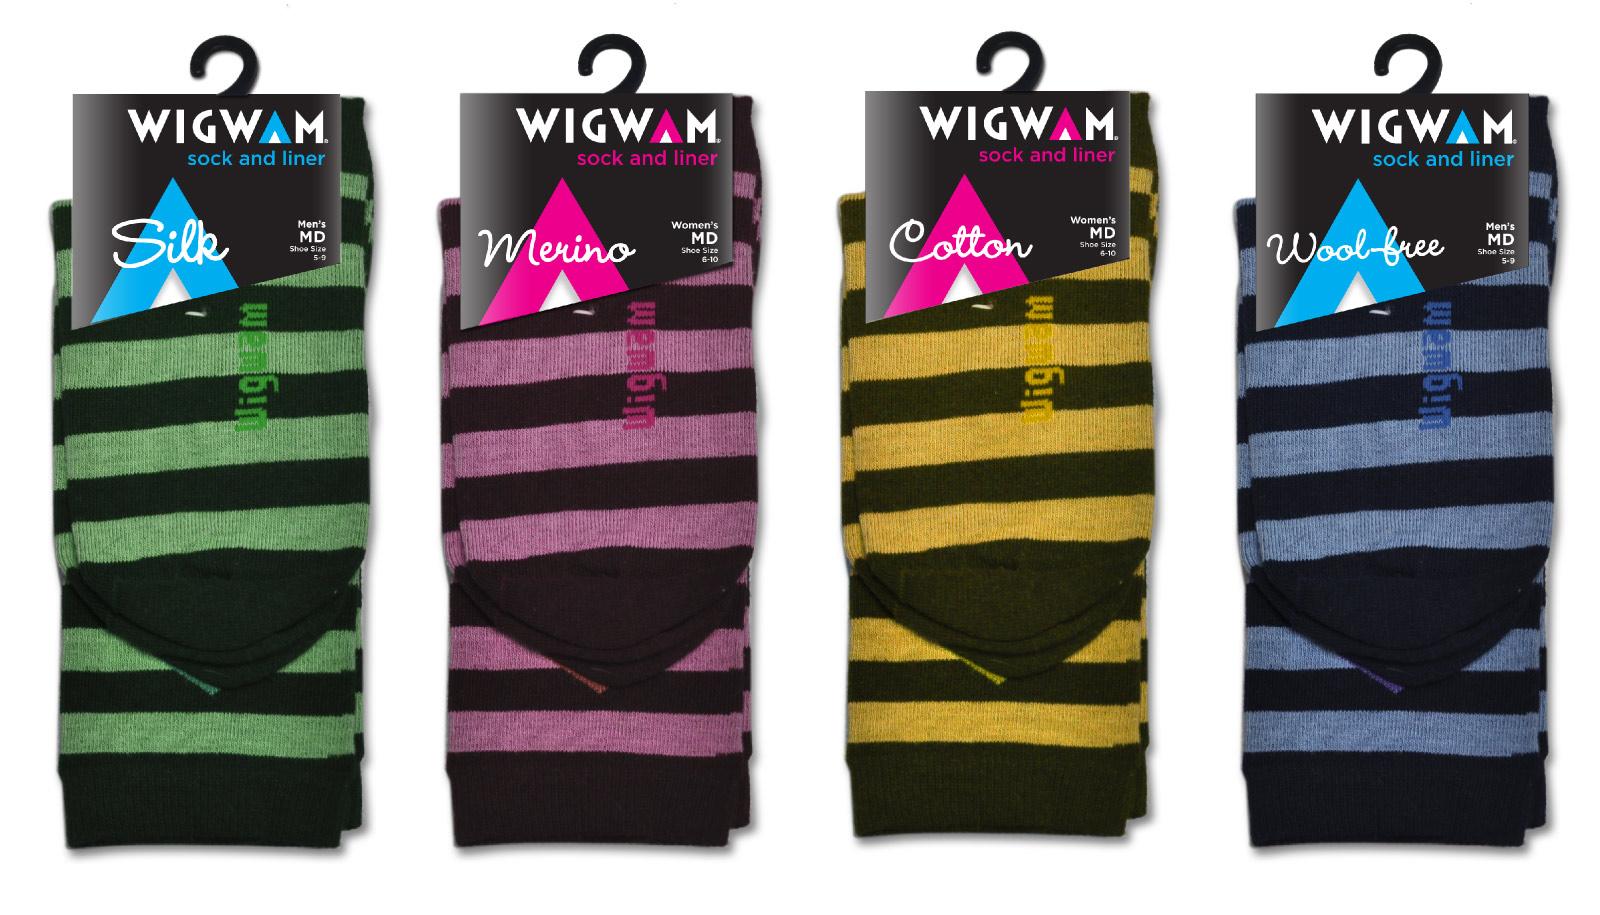 mslk-wigwam-casual-packaging